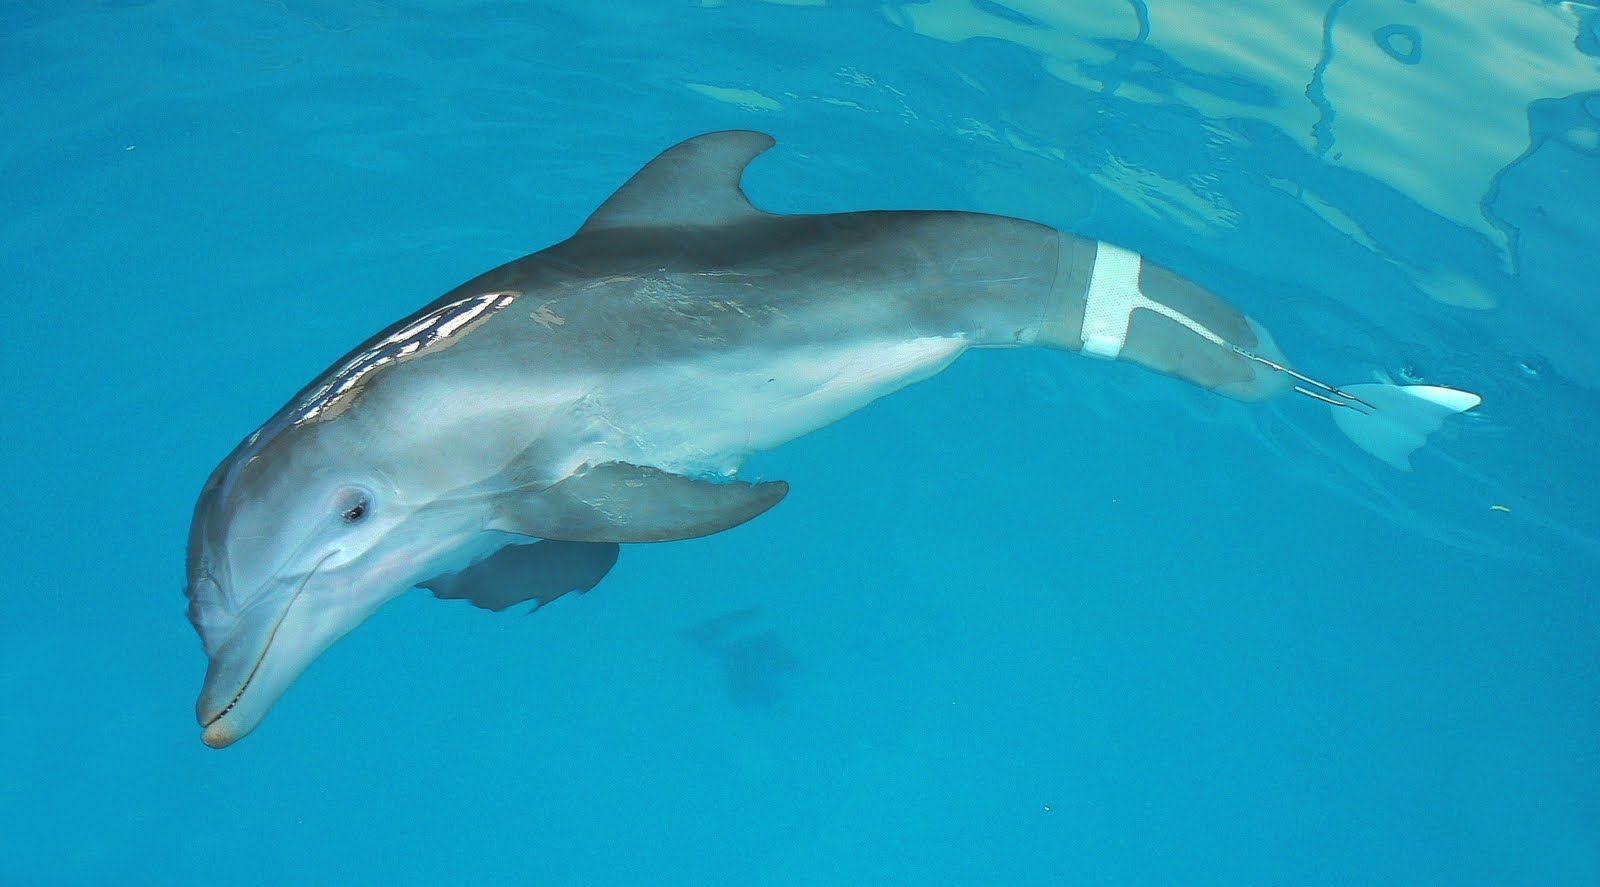 Winter delfin   Állatvilág / Fauna   Pinterest   Delfines y Animales